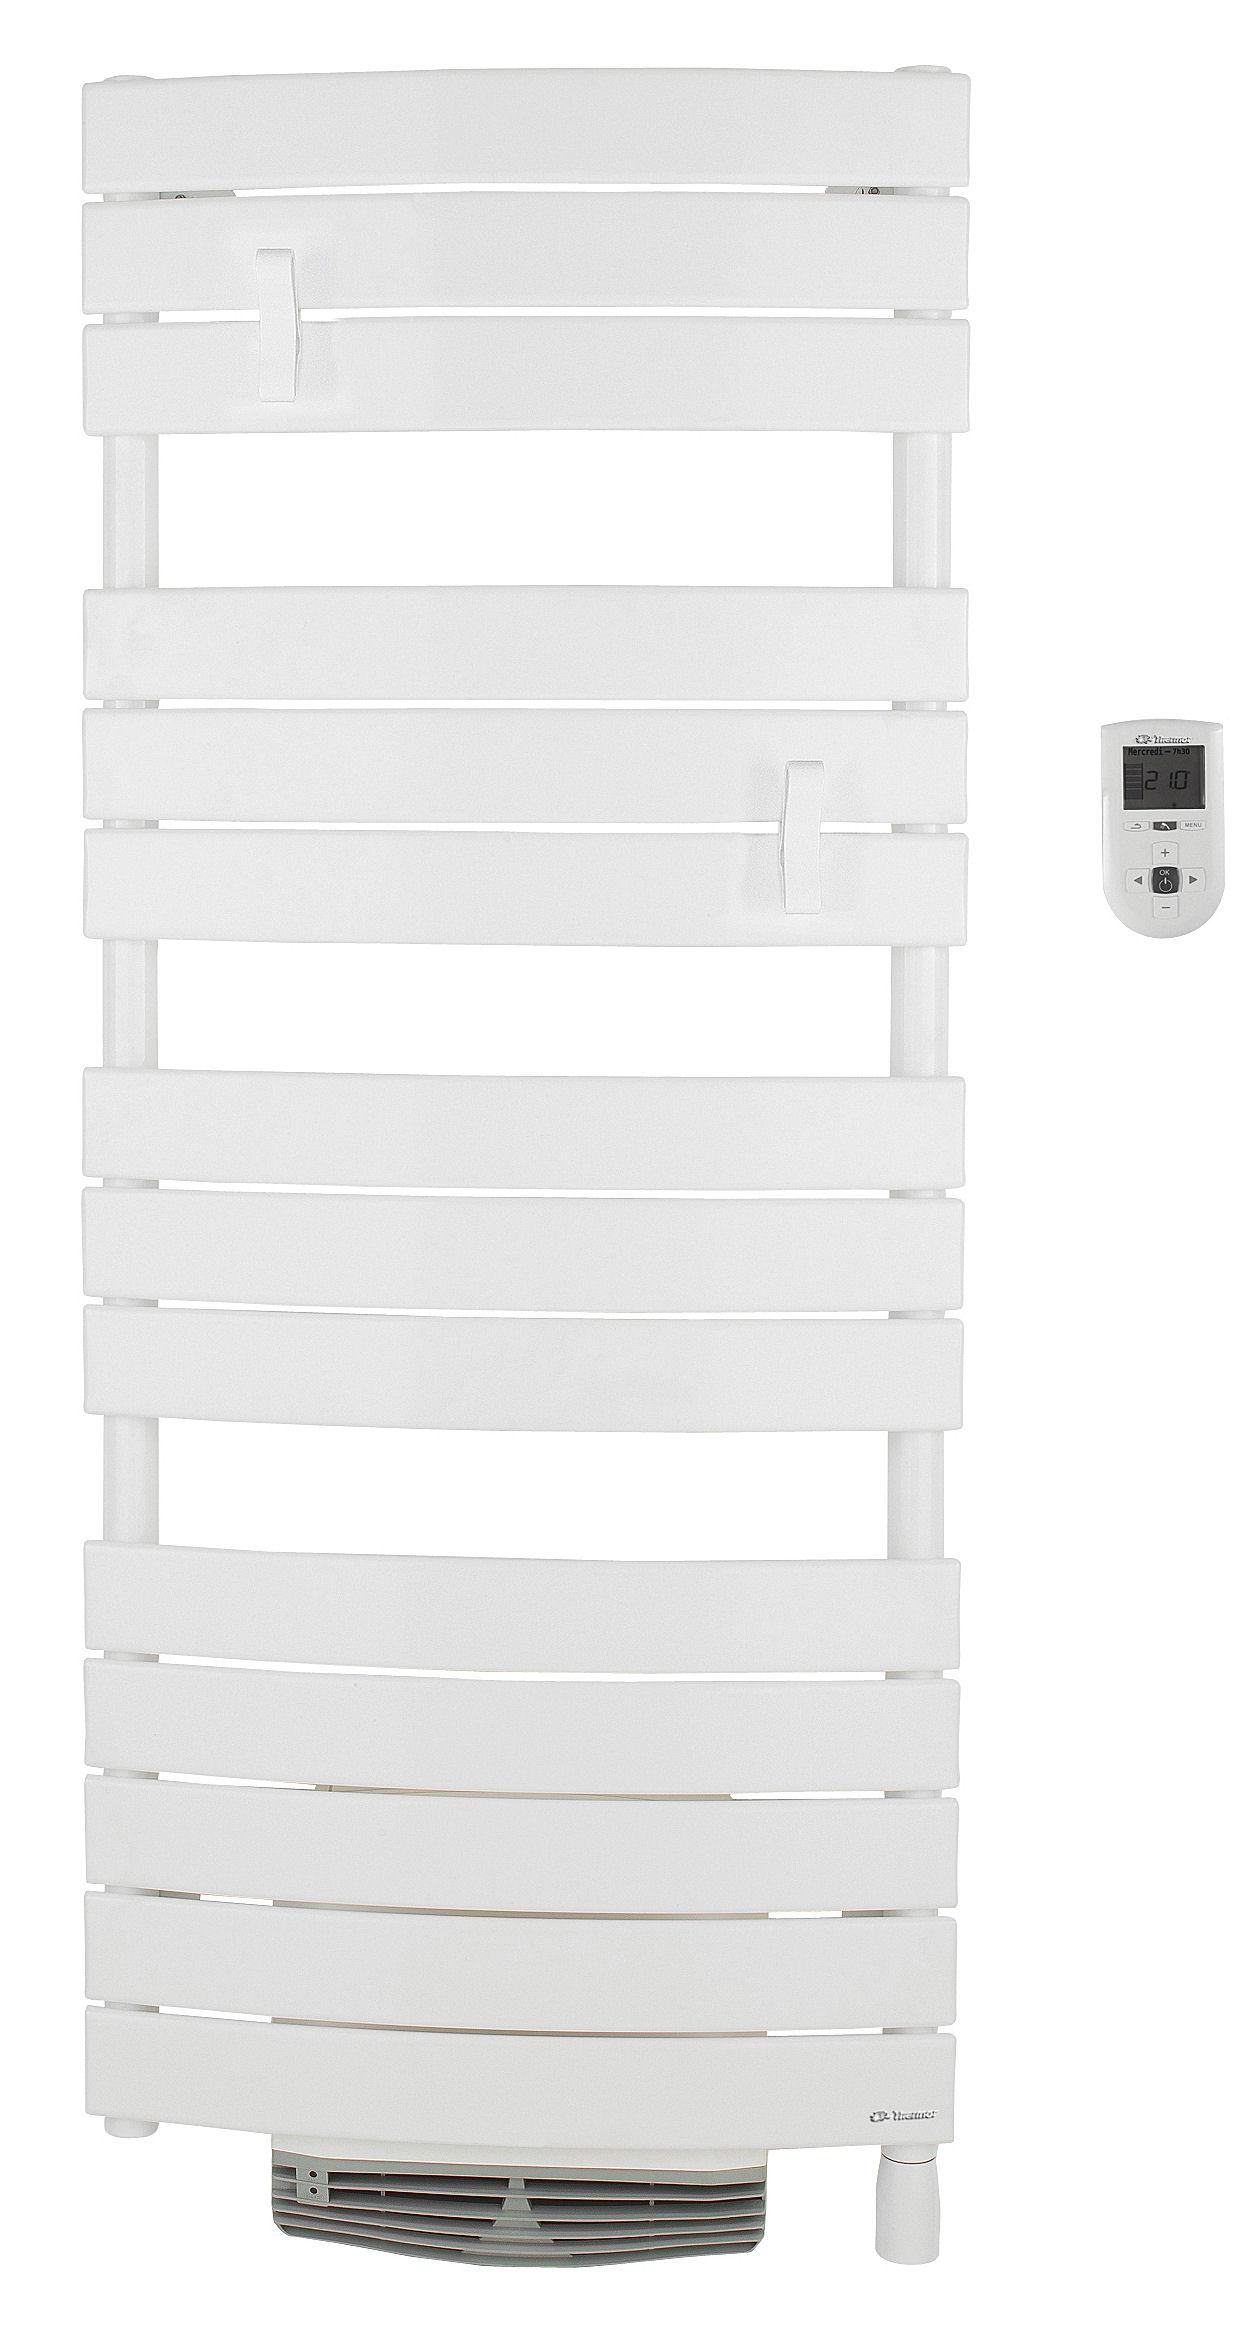 radiateur sèche-serviettes riviera digital soufflant électrique - Radiateur Soufflant Salle De Bain Thermor